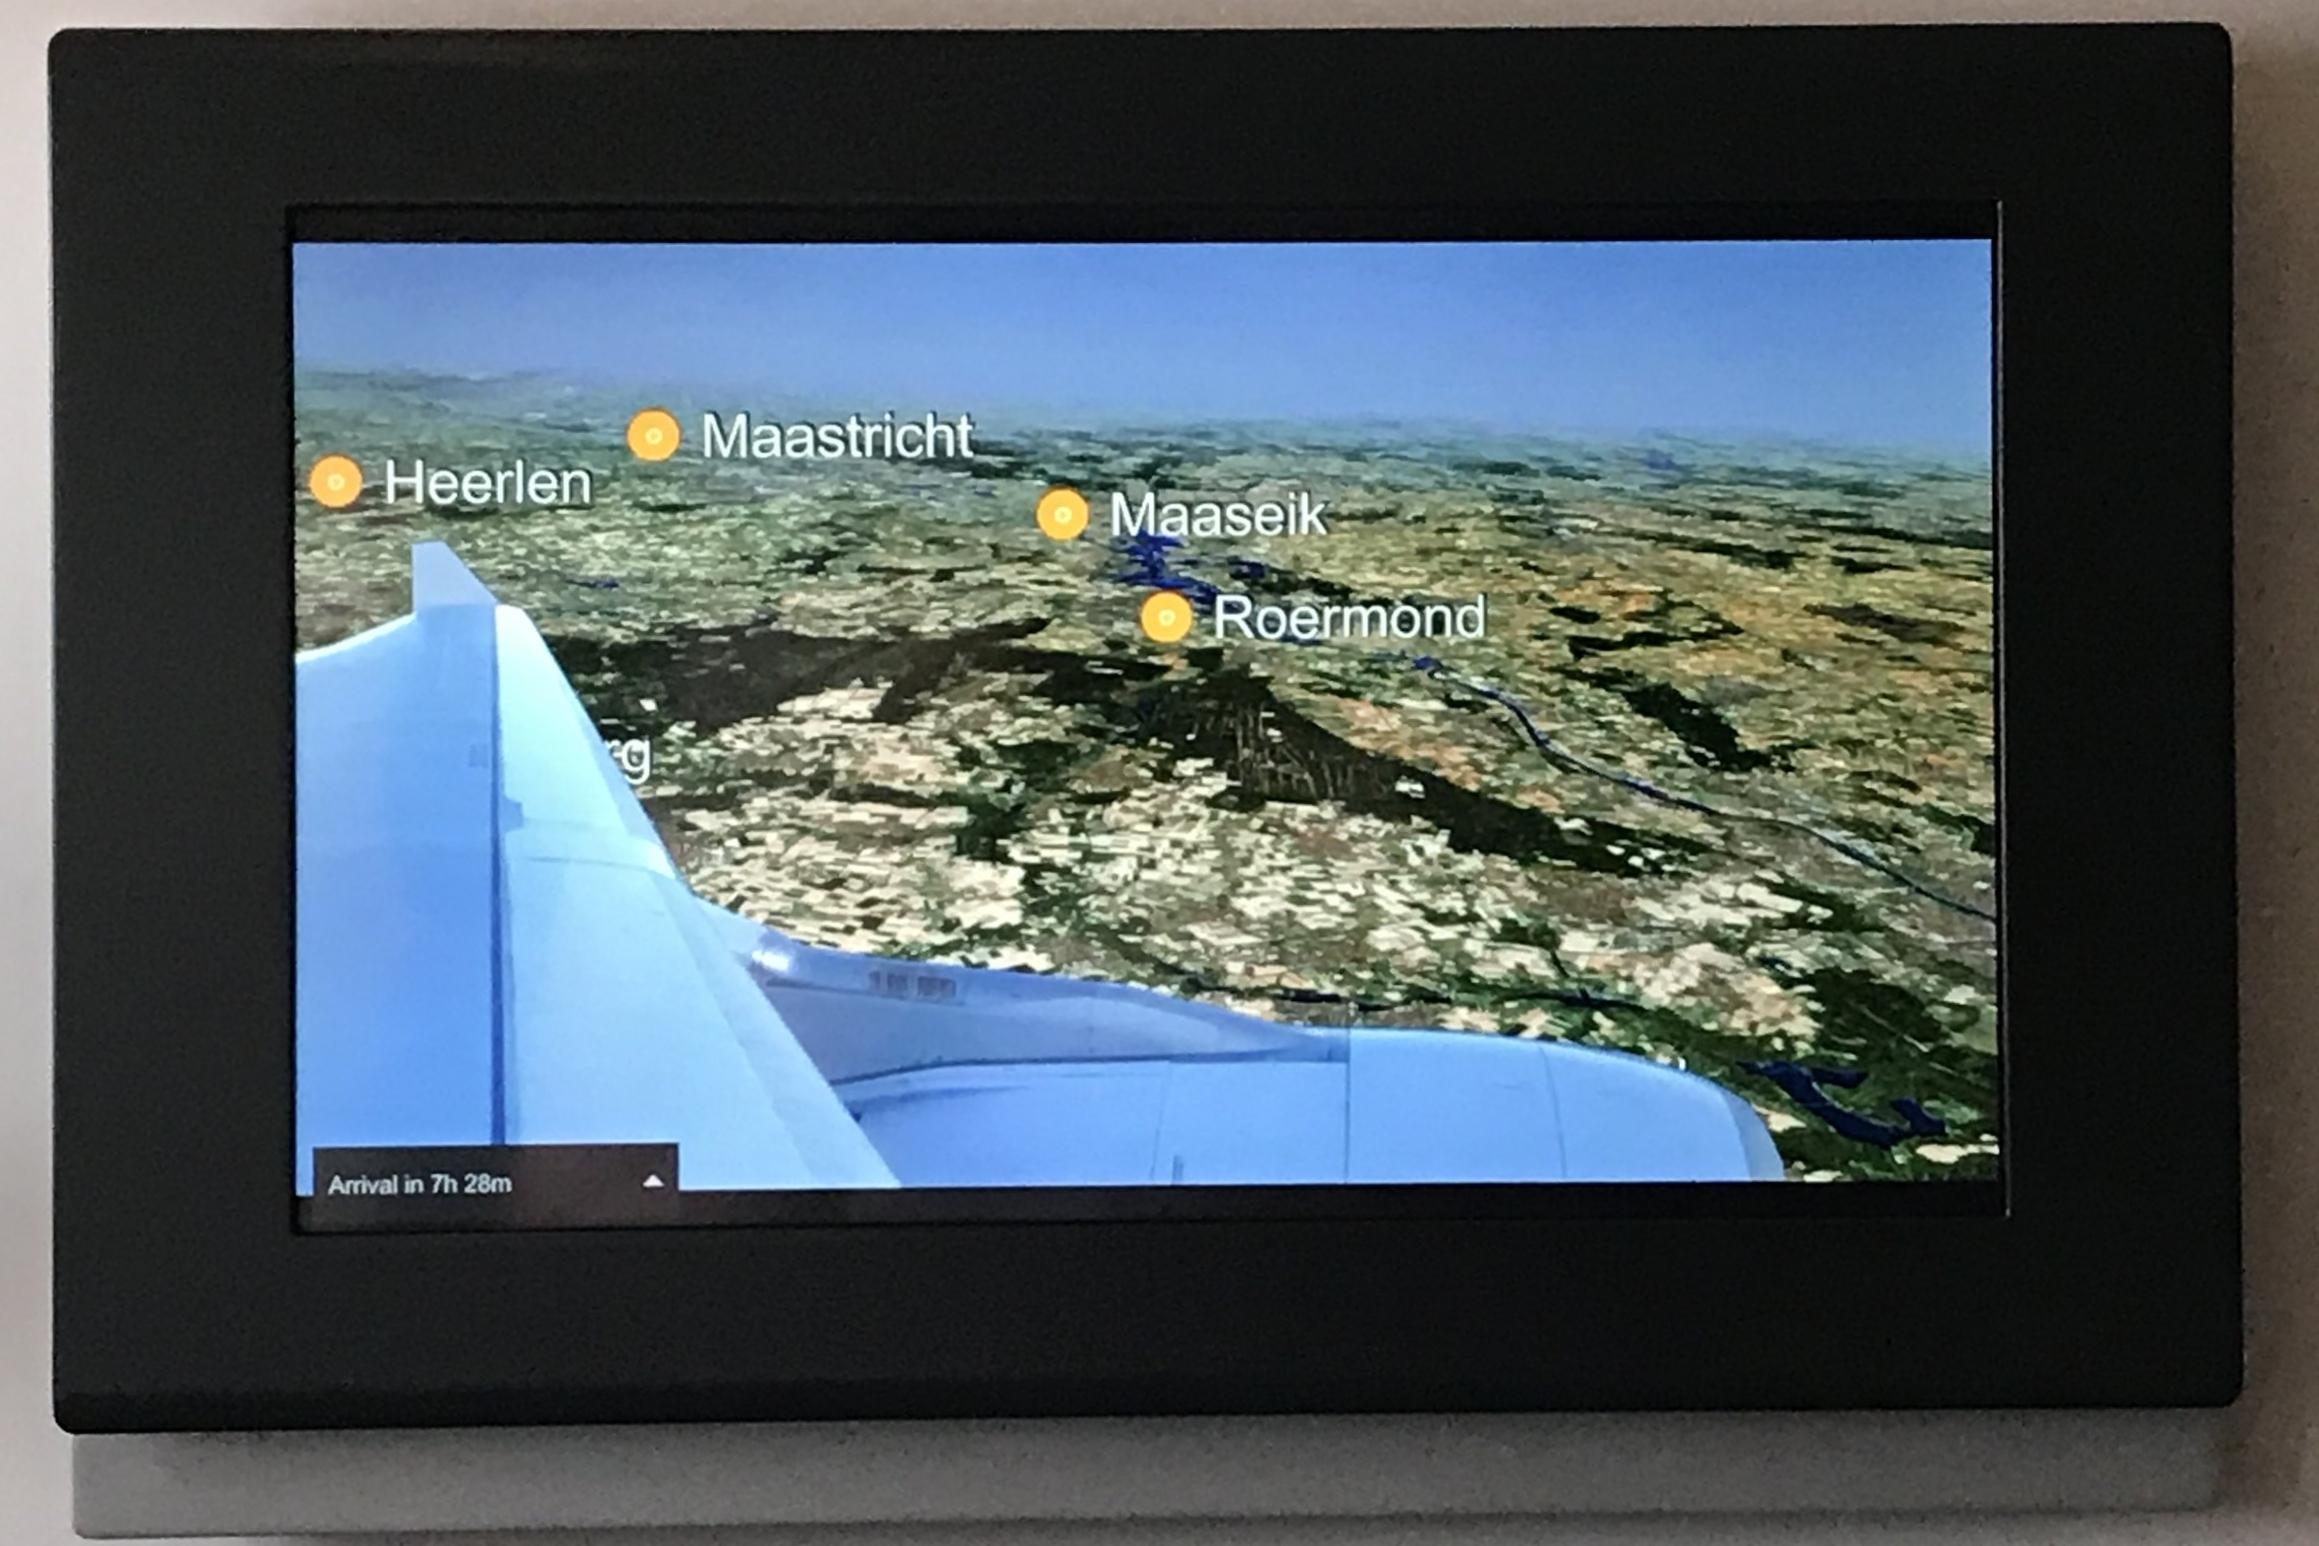 Lufthansa First Class – Airshow